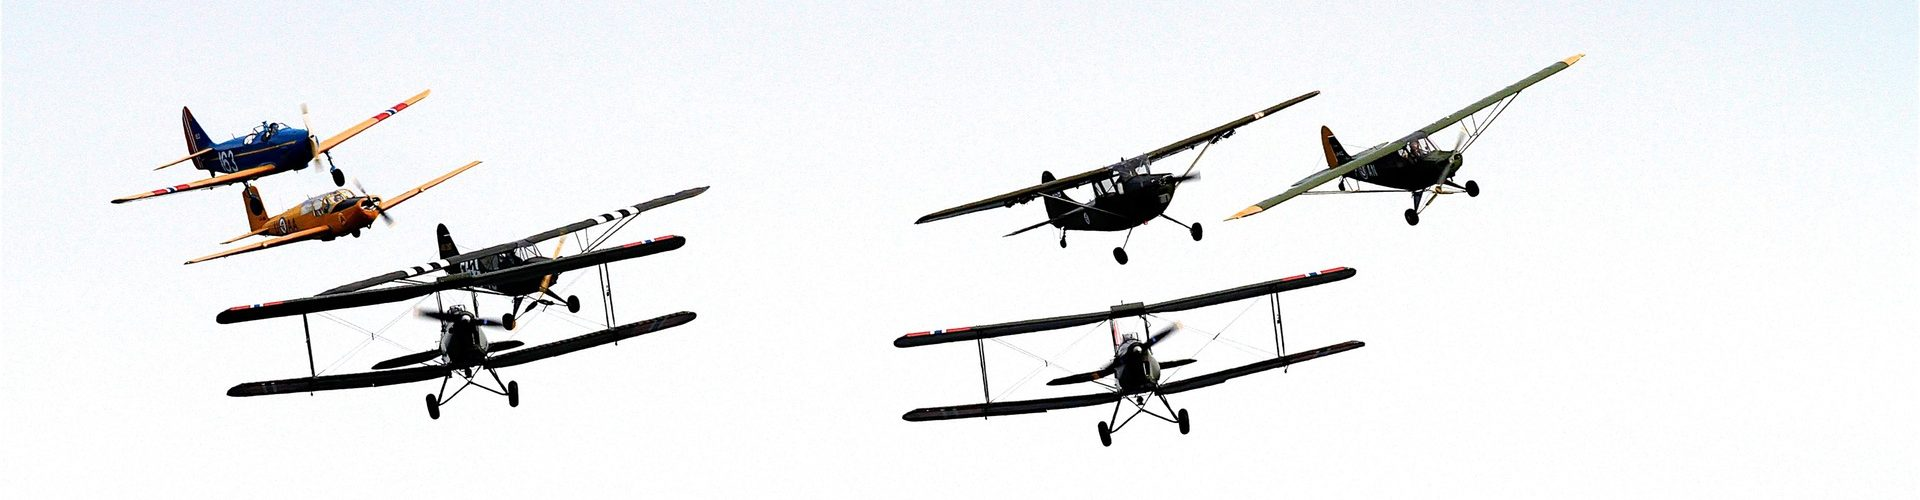 7 avions en vol